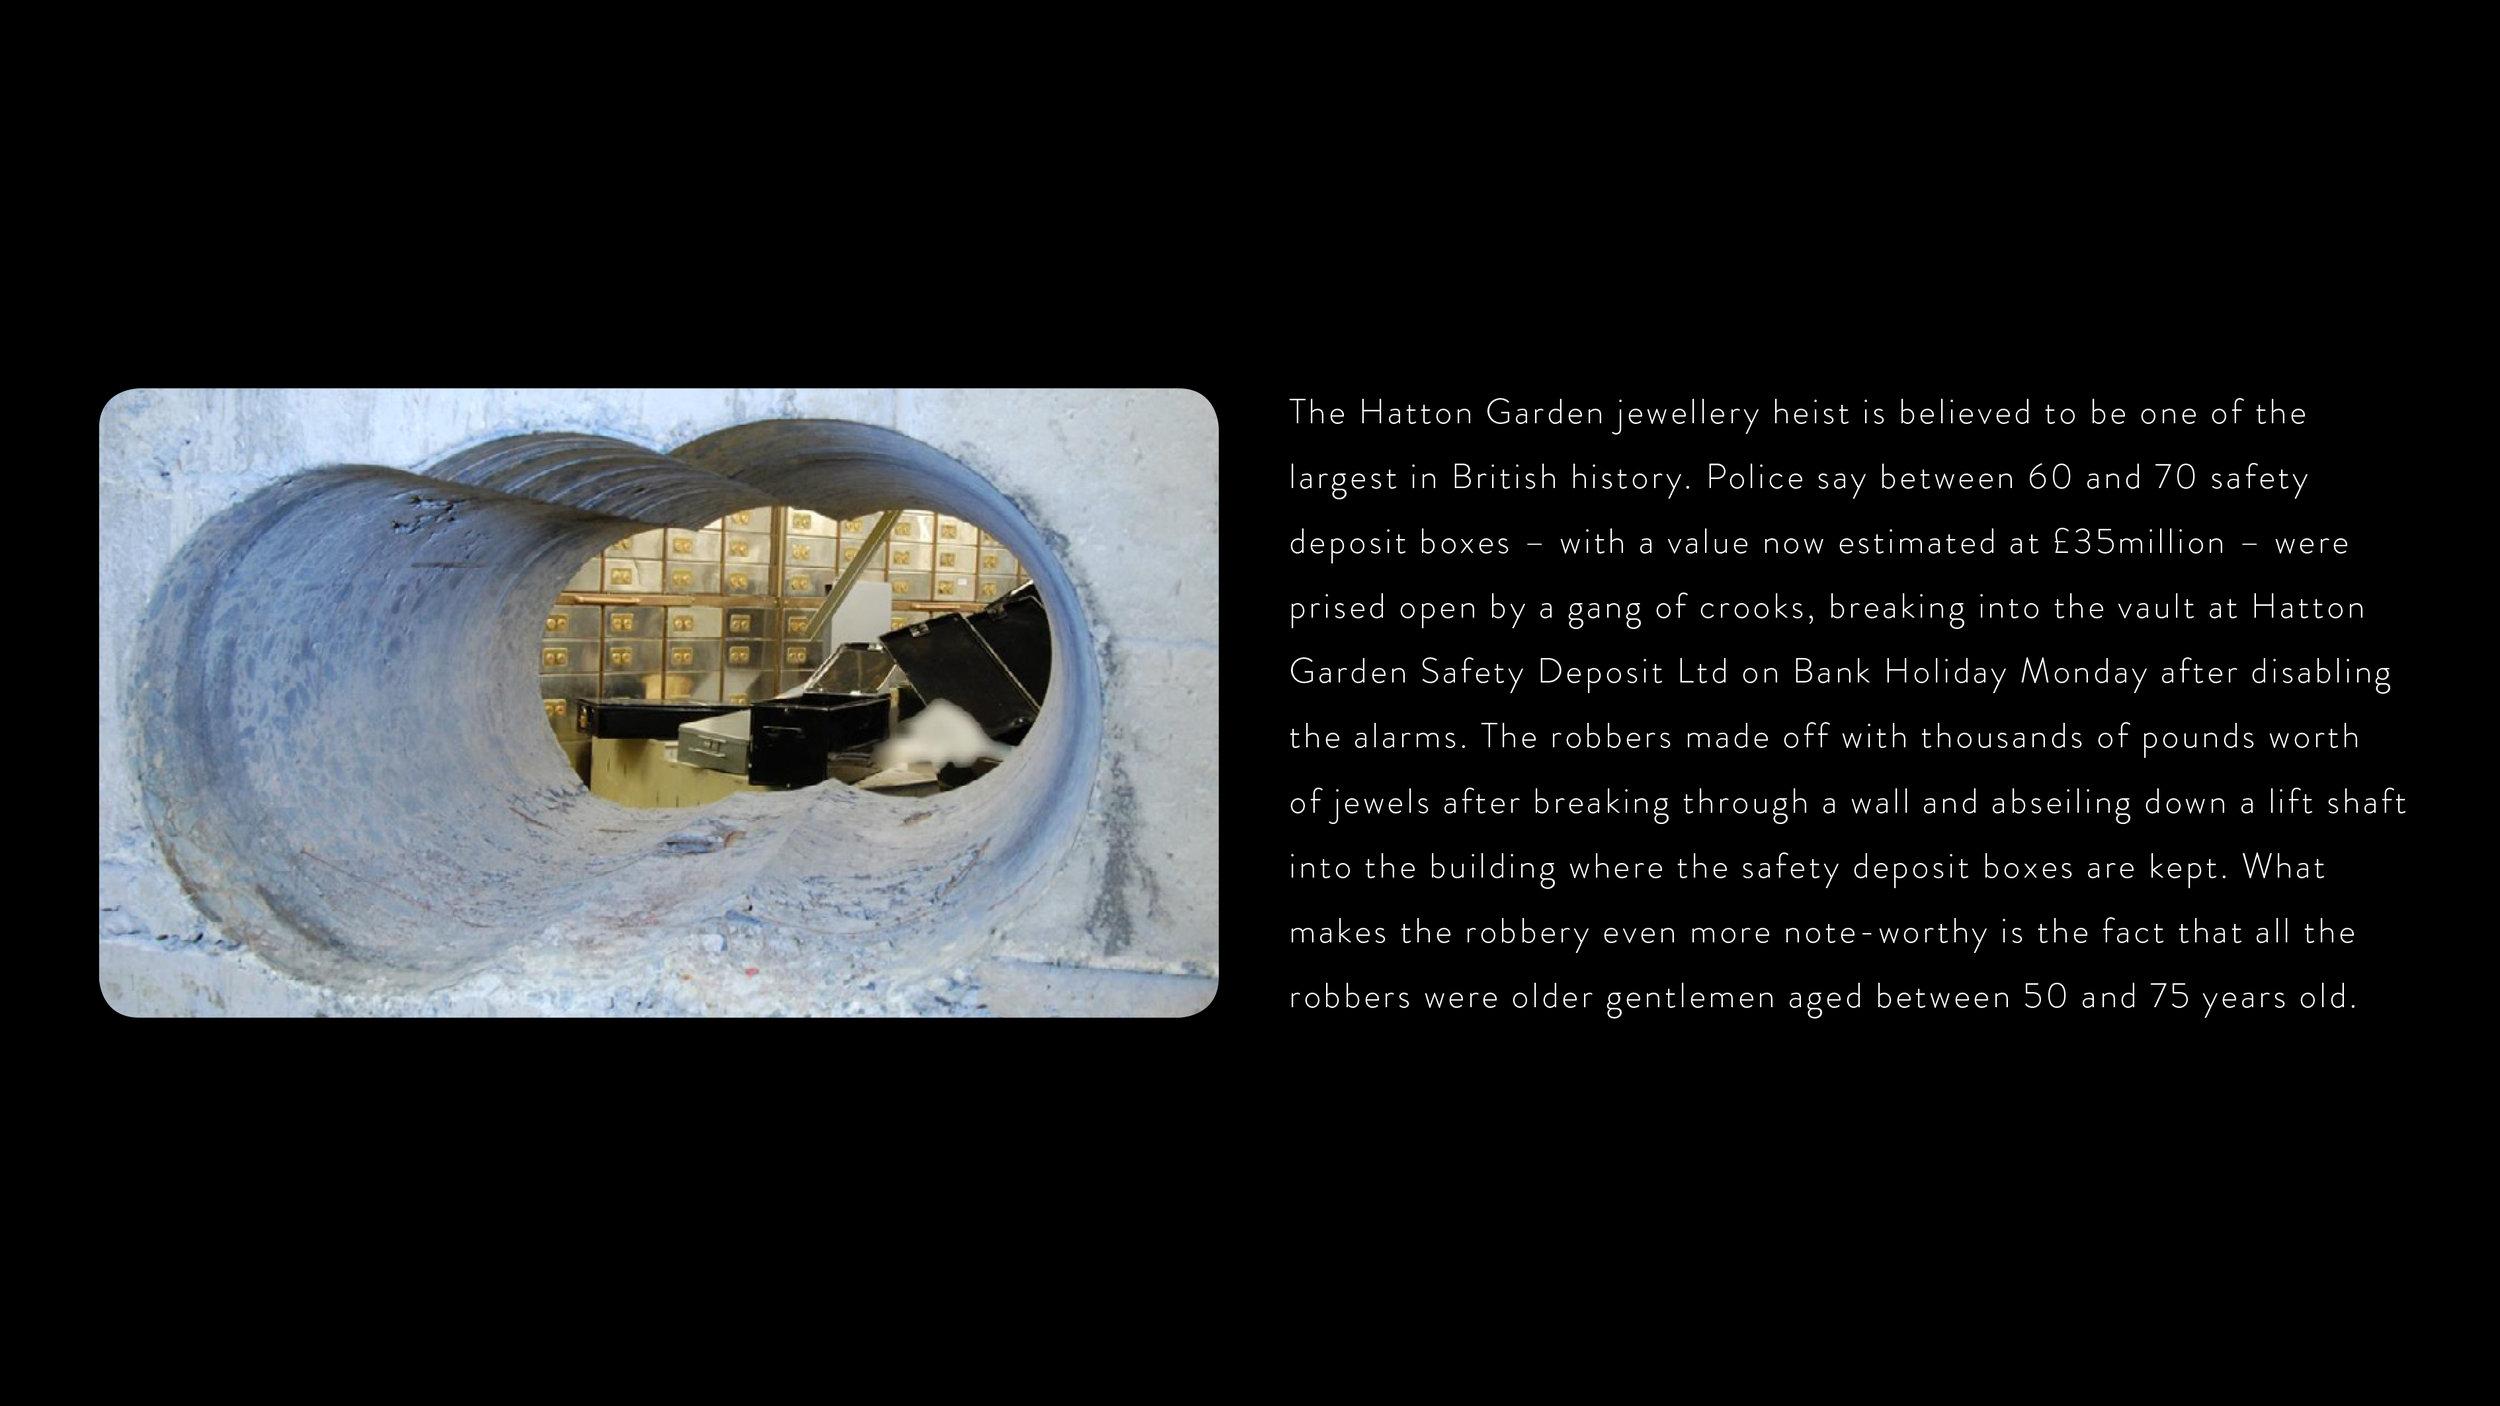 hatton garden heist deck[1] 4.jpg